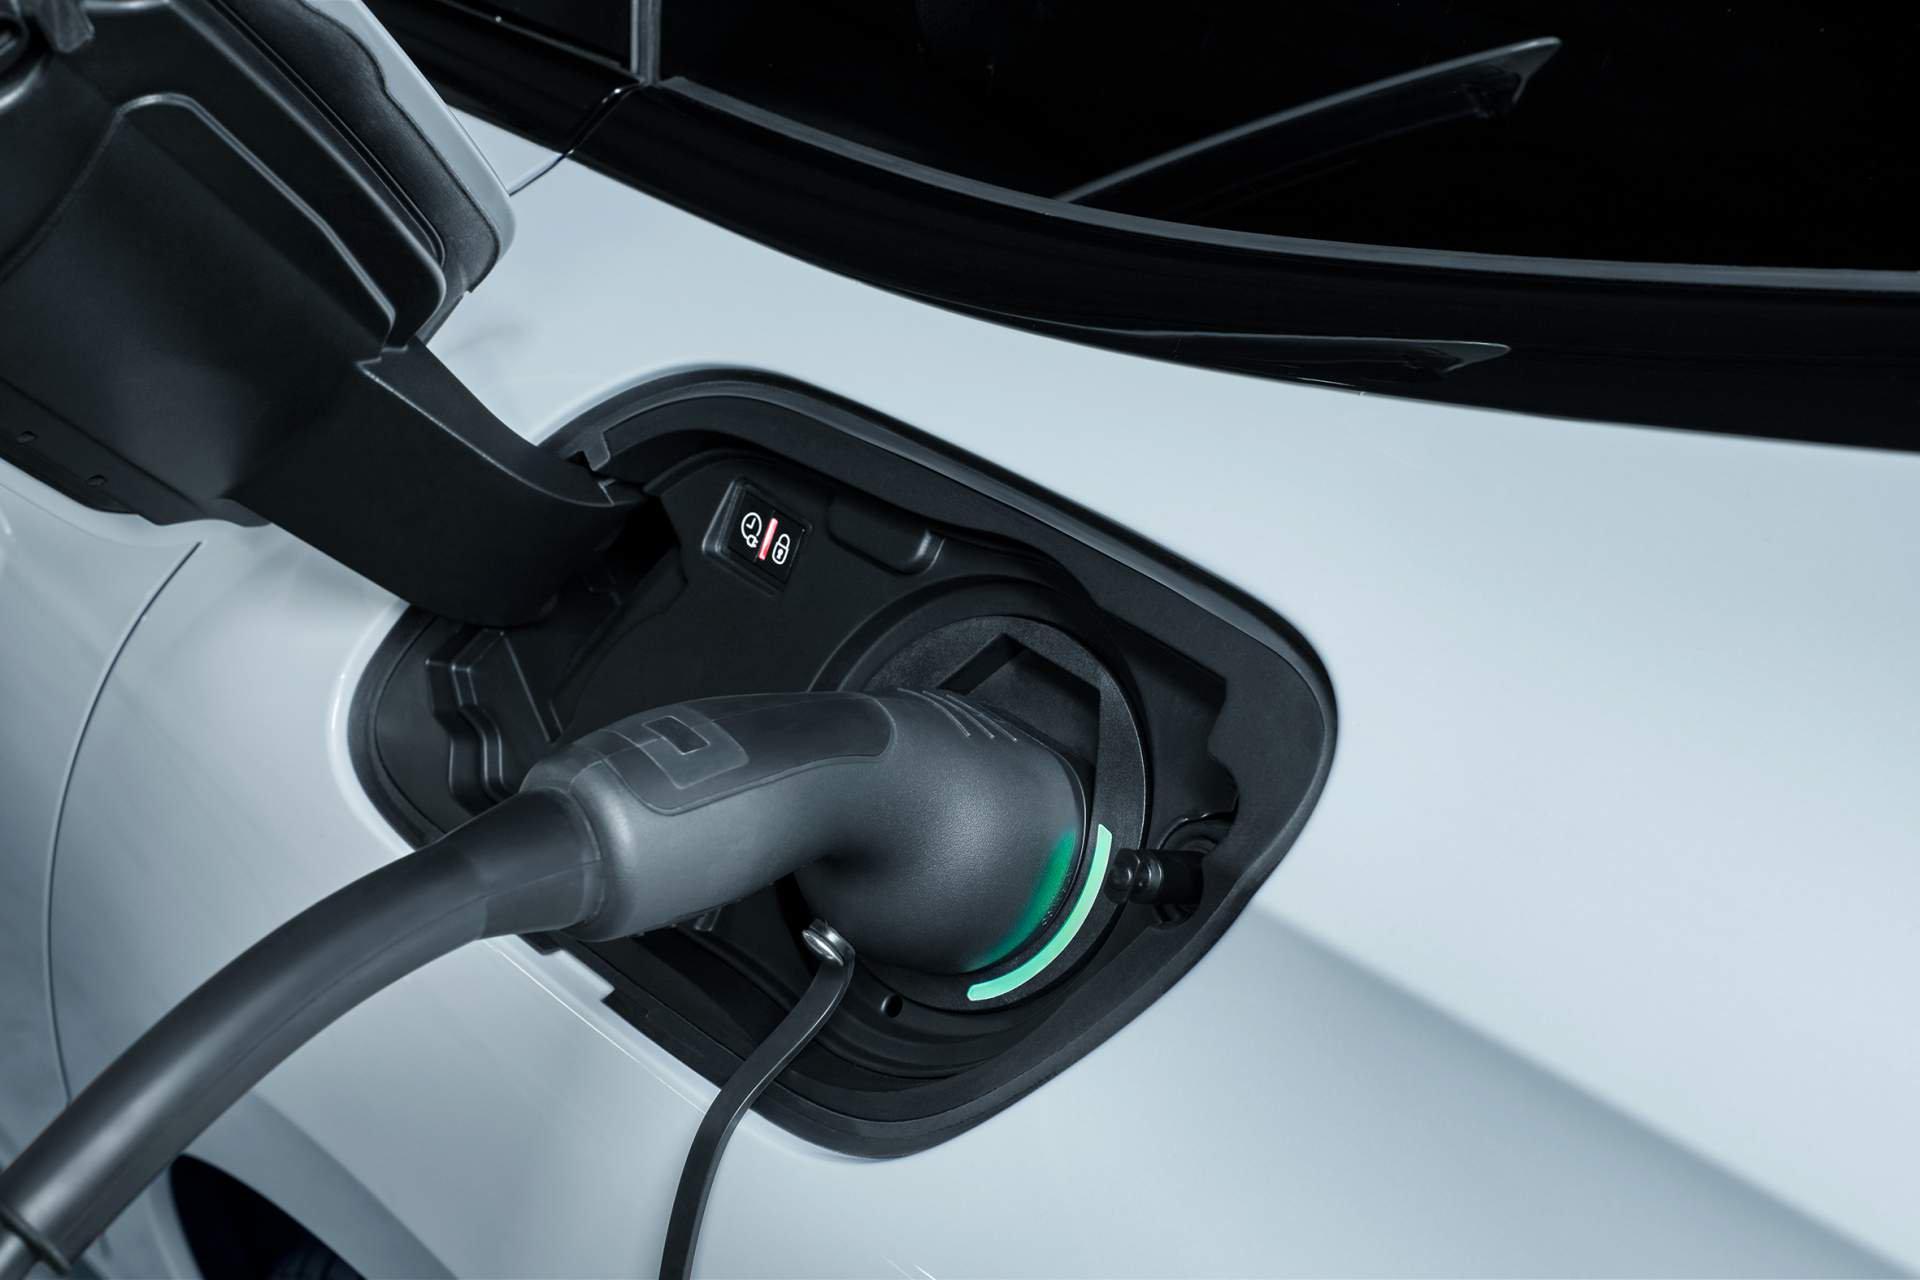 Peugeot hibrido enchufable